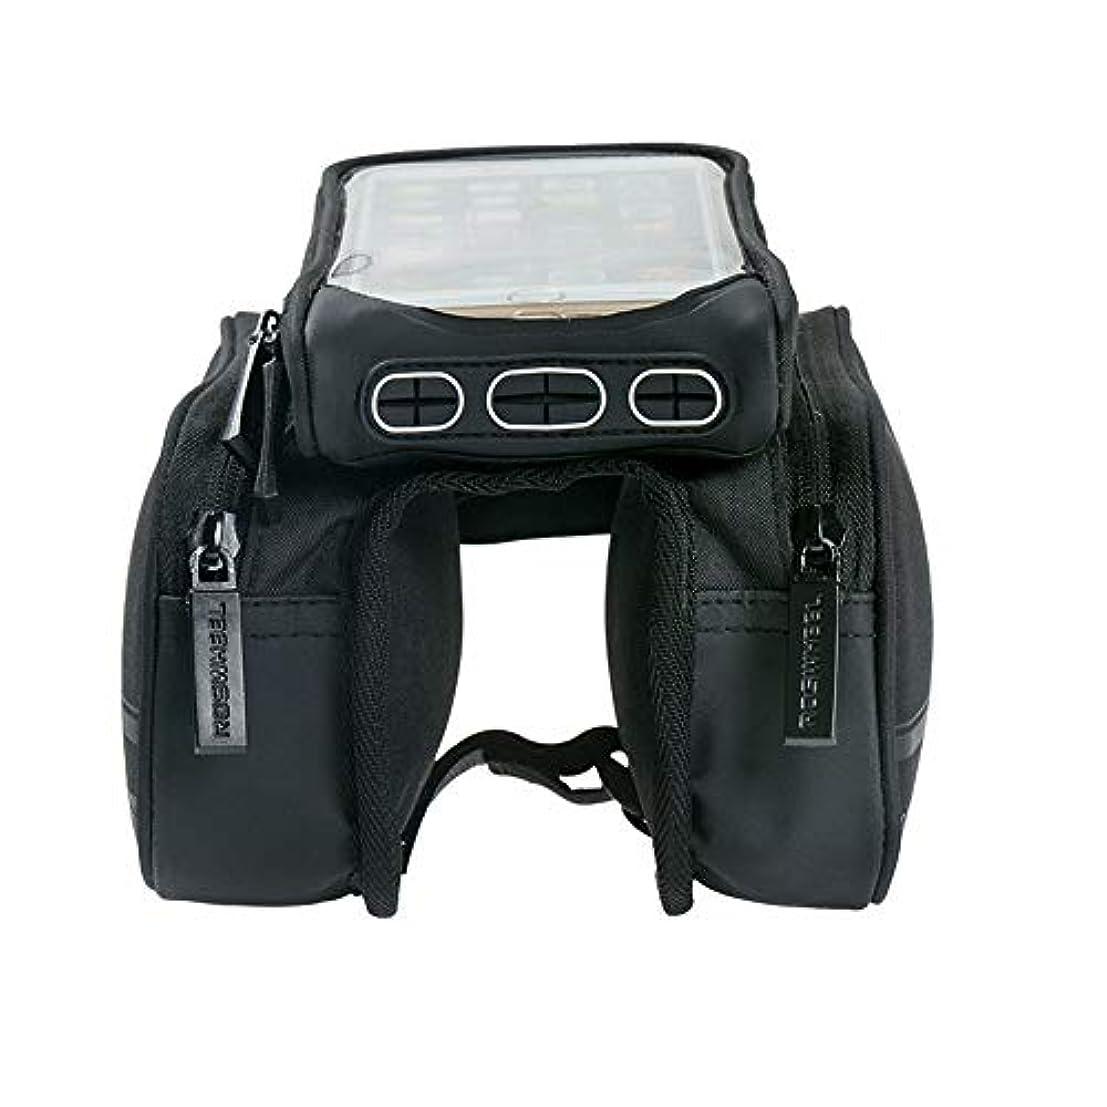 メモレタス再開サイクリングフレームバッグ 屋外MTBのロードバイクのためのバイク袋の携帯電話のタッチ画面のホールダーのバイク袋 電話収納バッグ (Color : Black, Size : 18.5*11.5*4cm)